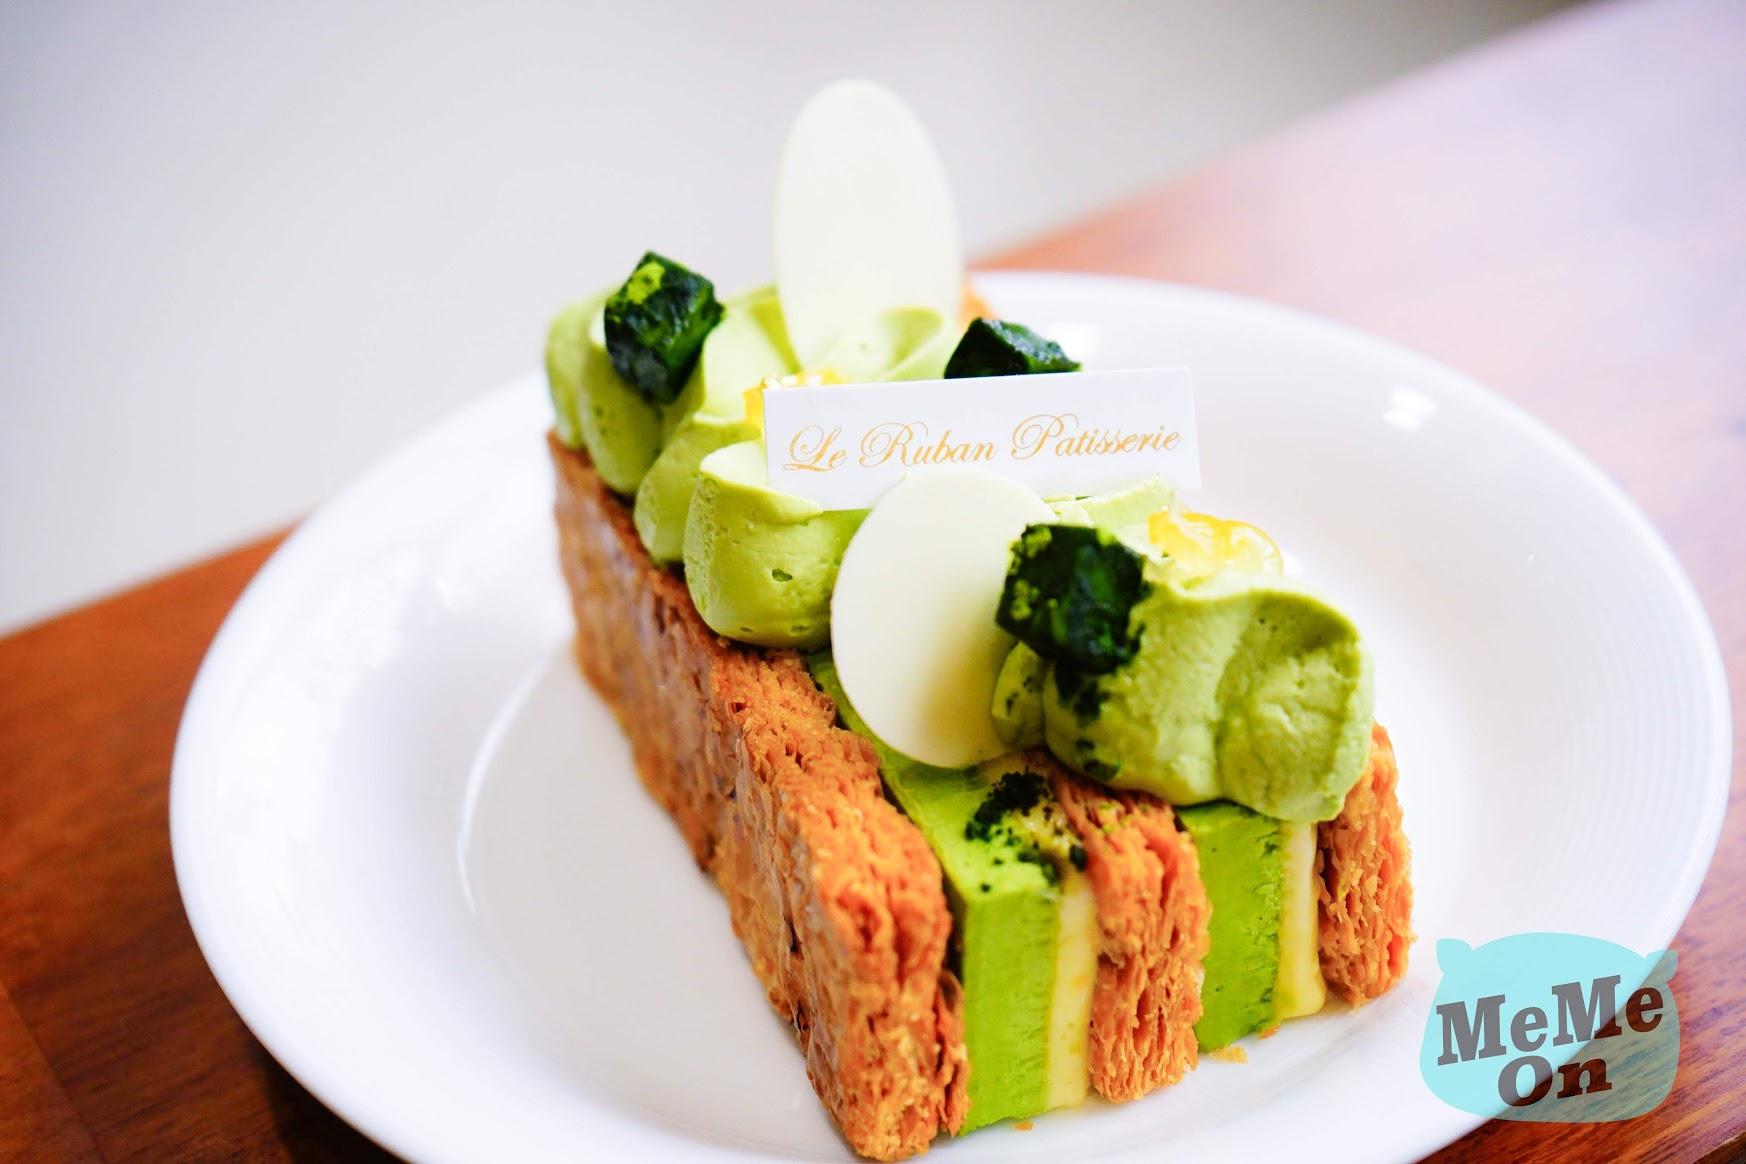 吃貨迷編日記ー Le Ruban Pâtisserie 法朋 烘焙甜點坊